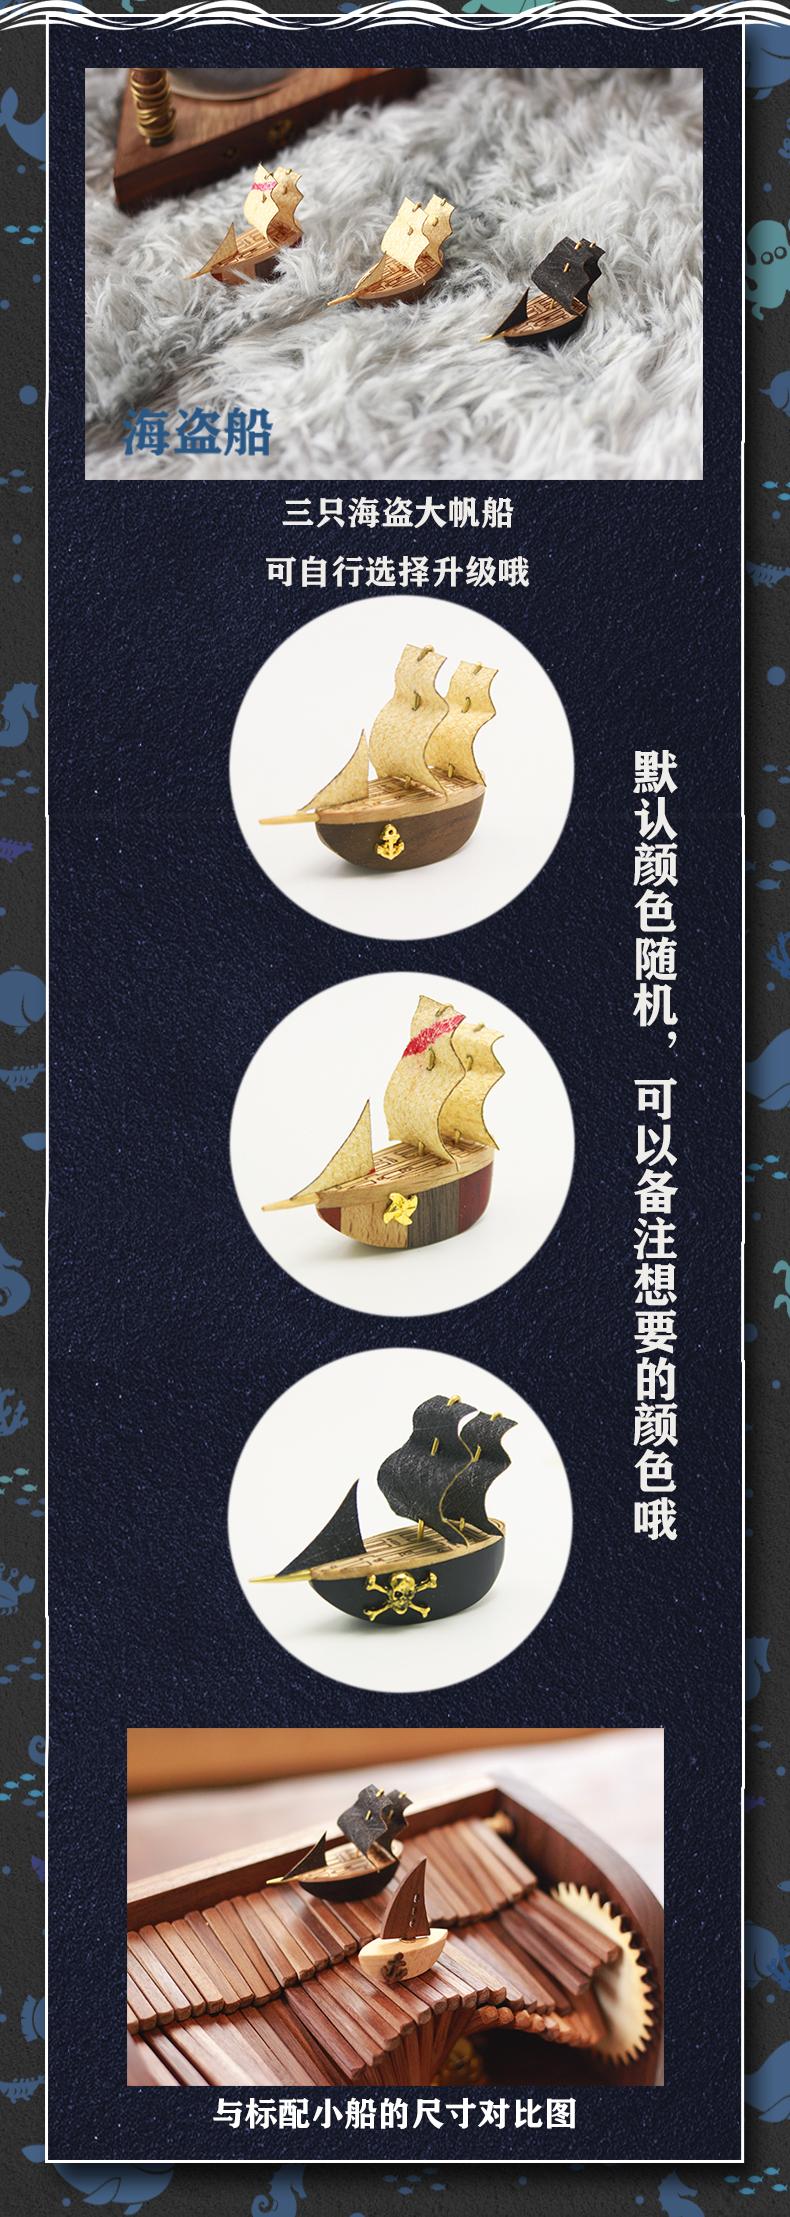 产品介绍页4.jpg